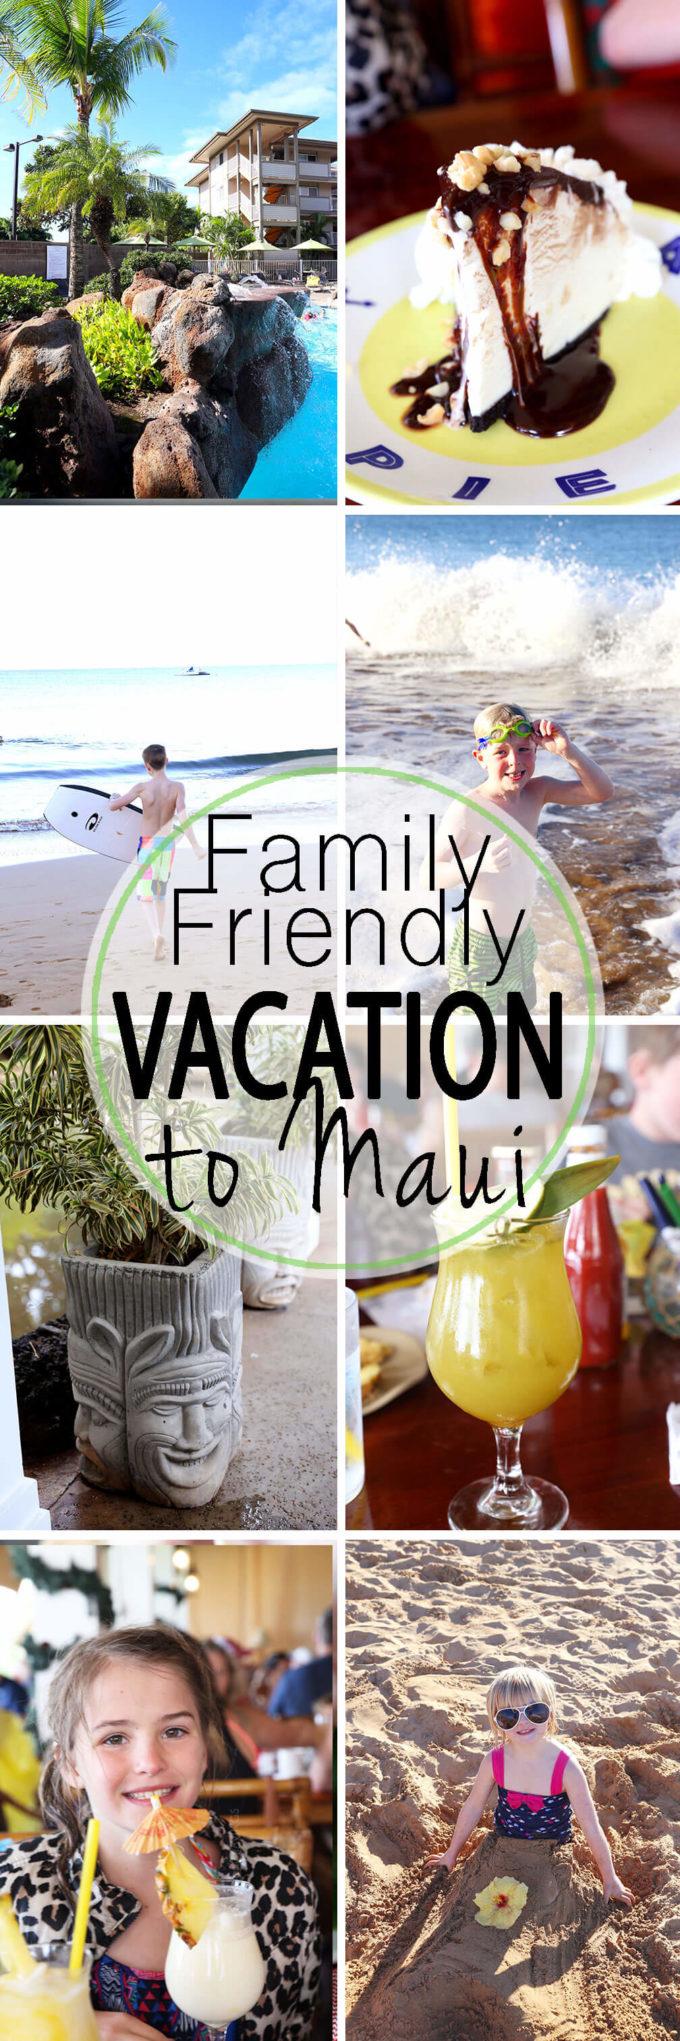 Family Friendly Vacation to Maui